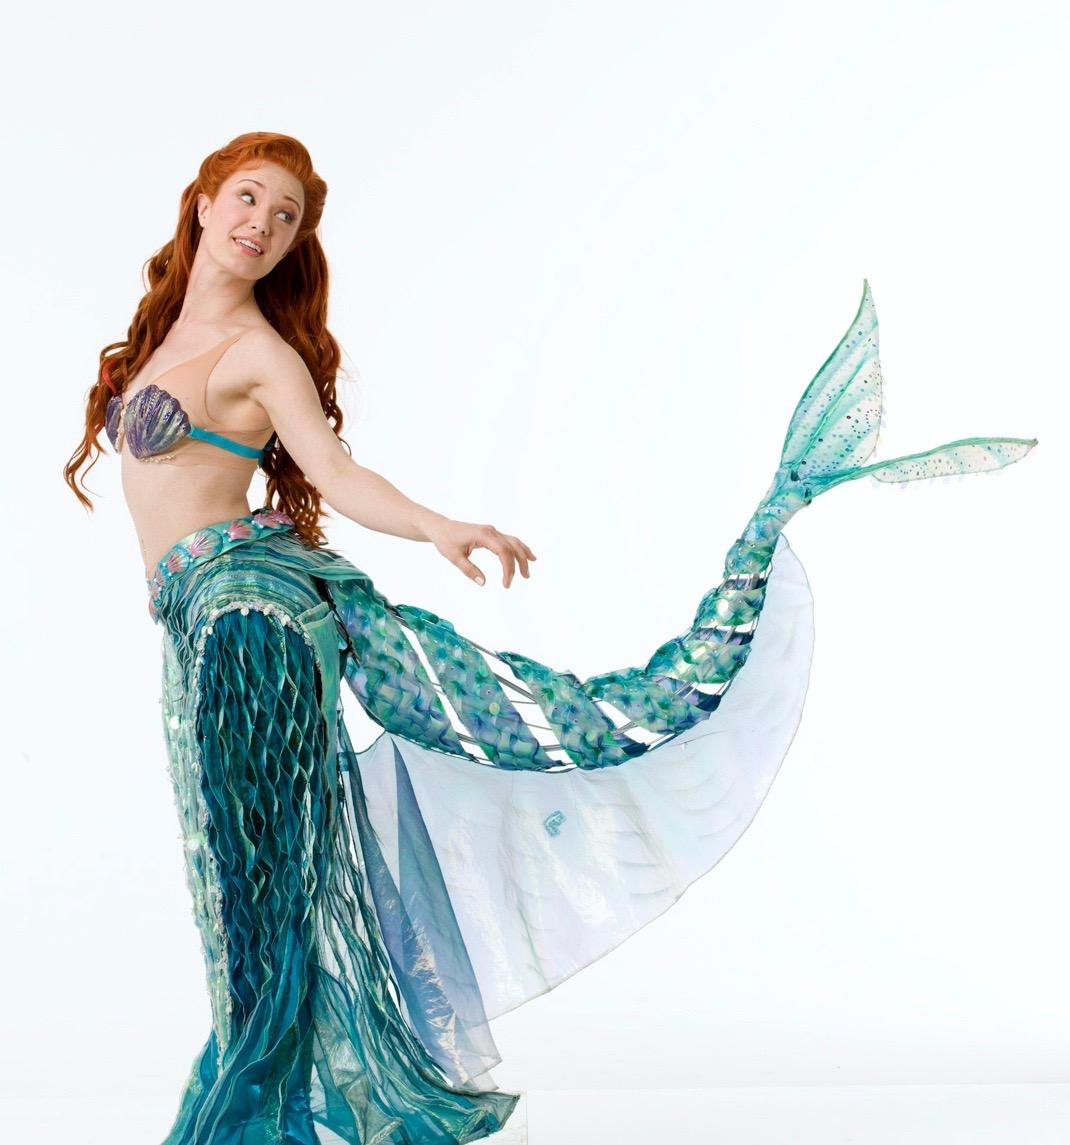 Sierra-Boggess-Little-Mermaid-Broadway-0804017_01_113.jpg